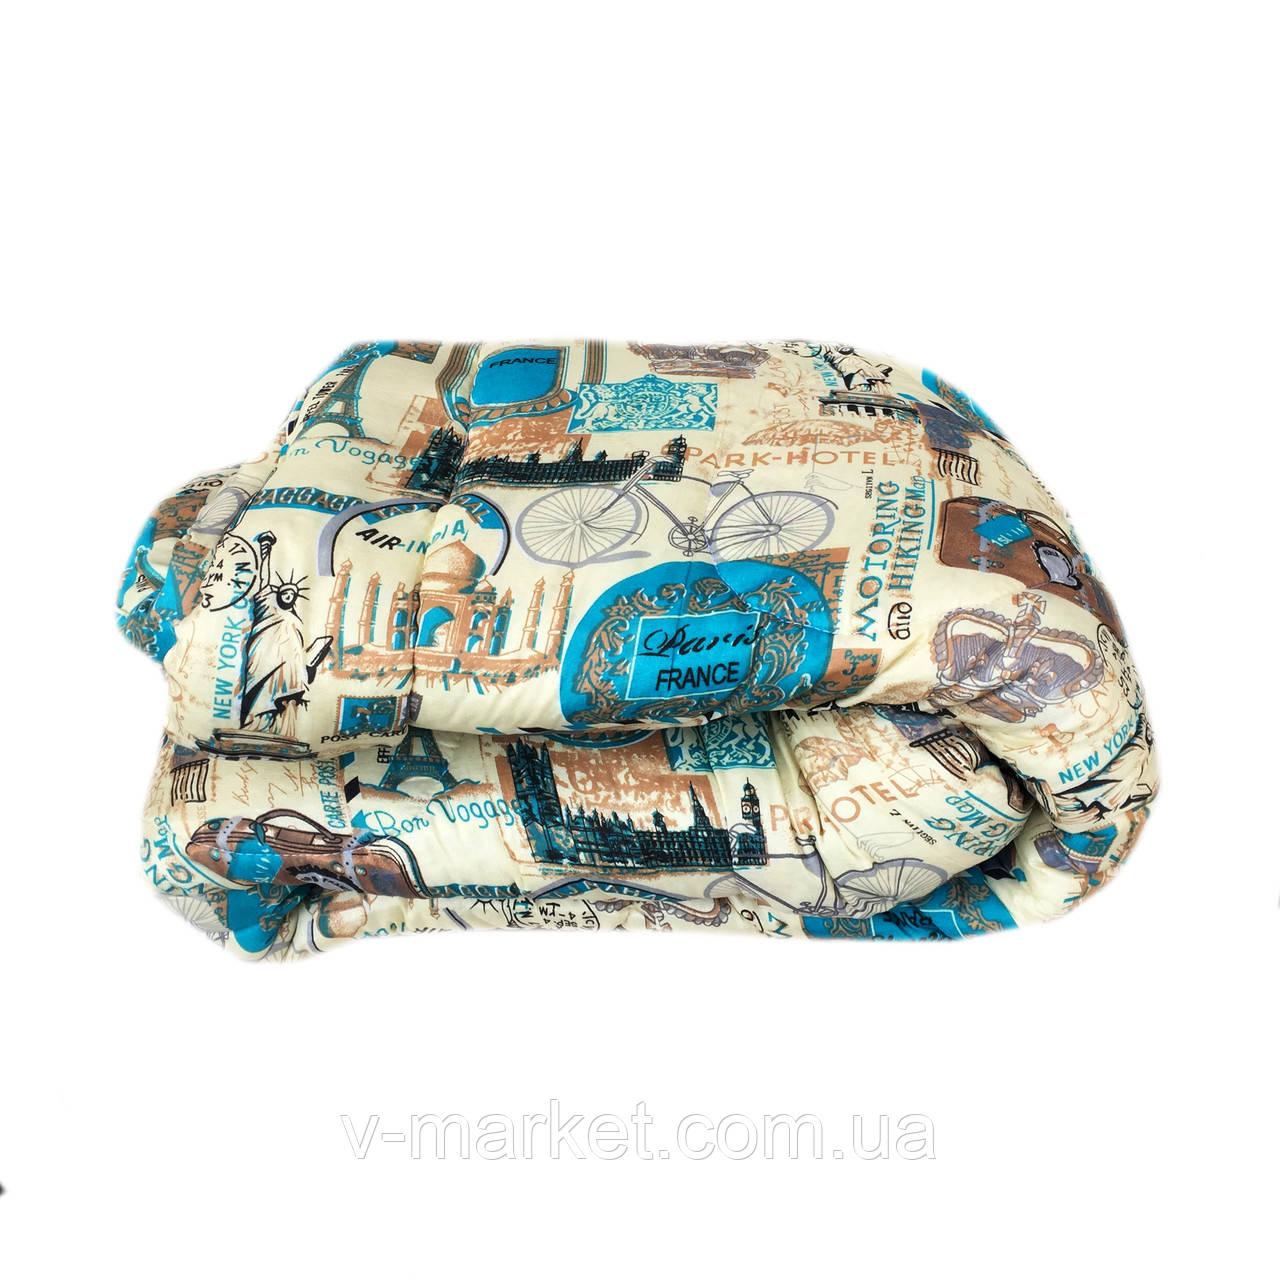 Ковдра двоспальне холлофайбер СТАНДАРТ, тканина бязь (полікотон)